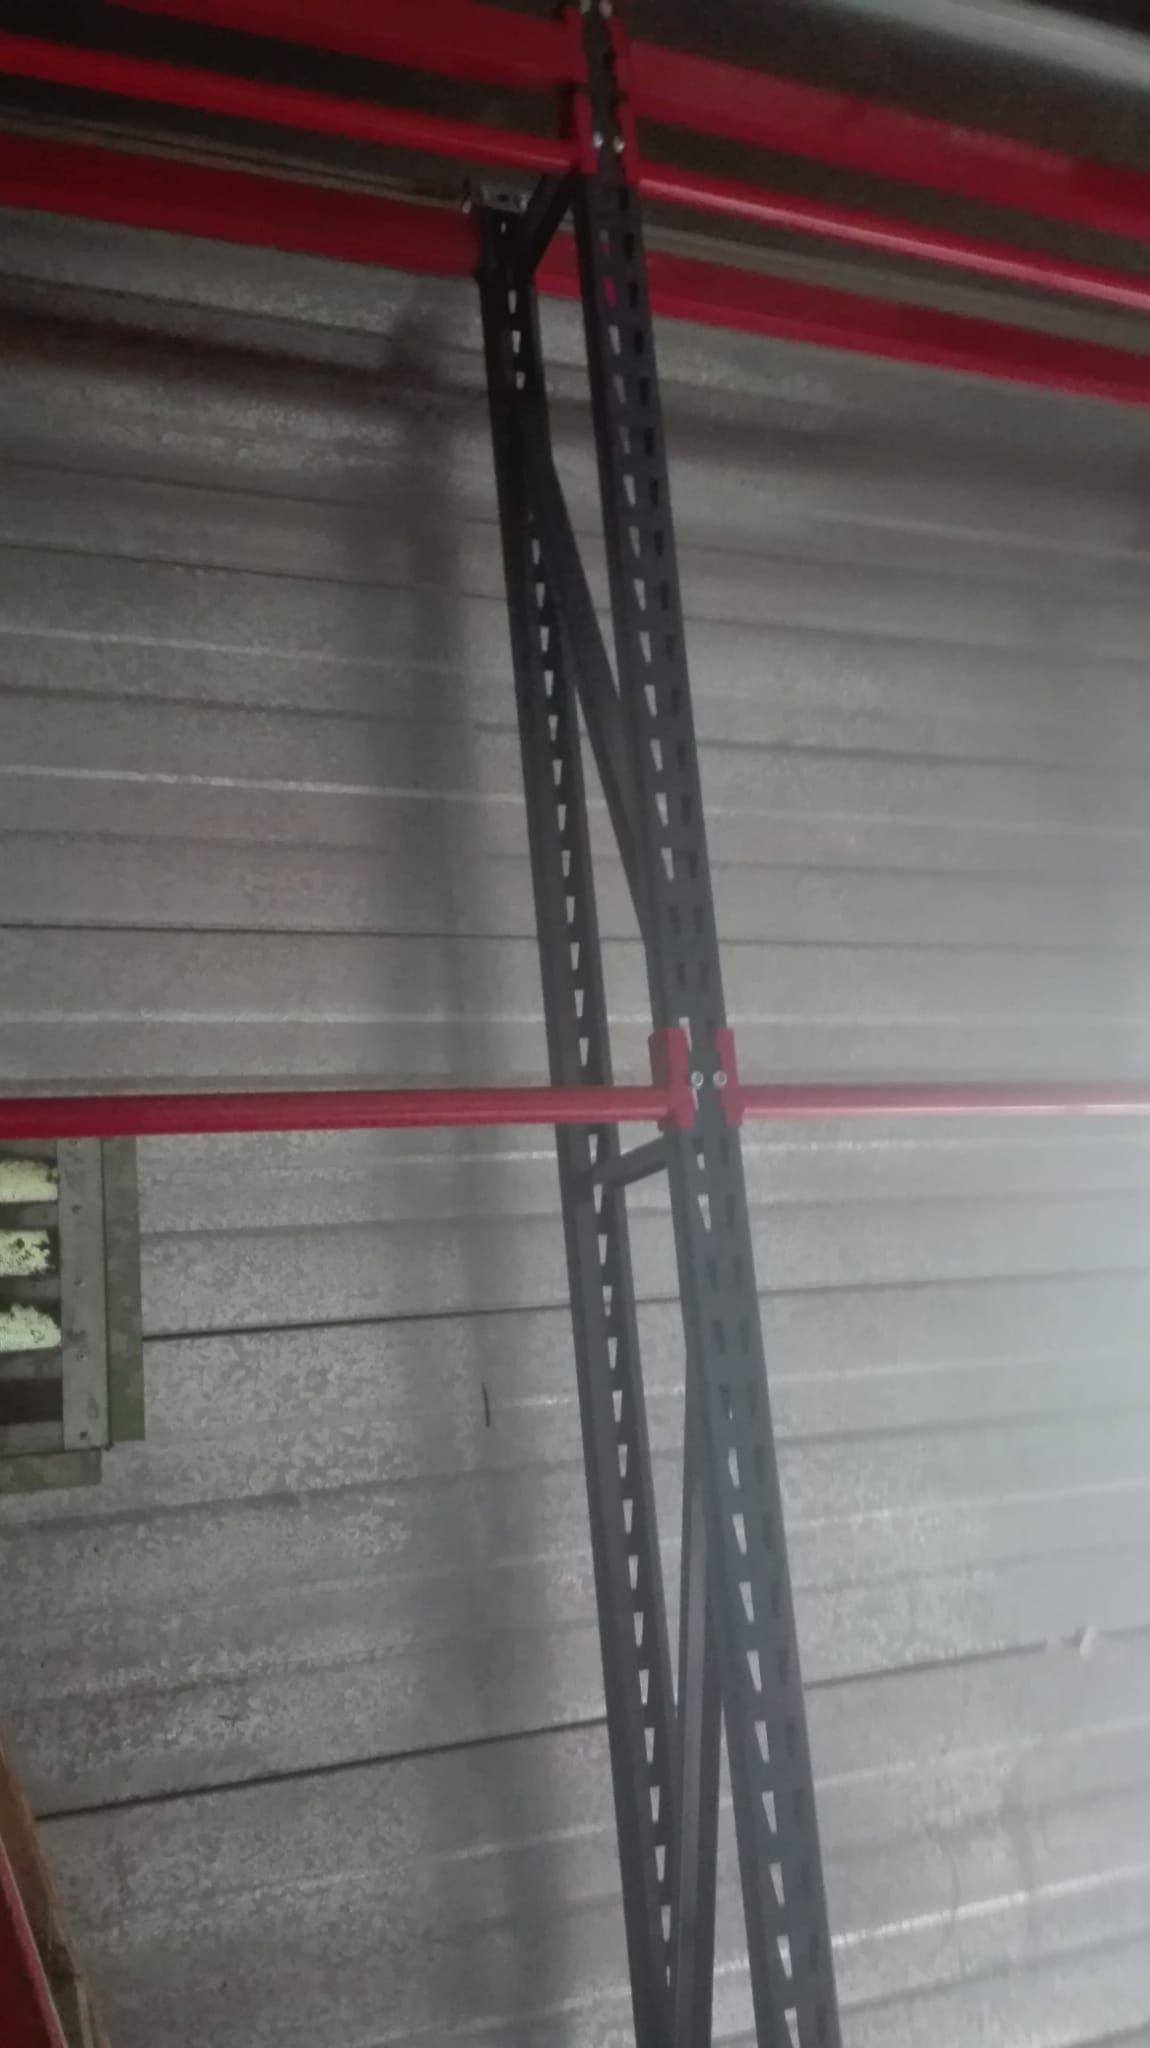 estanterías de picking o carga manual